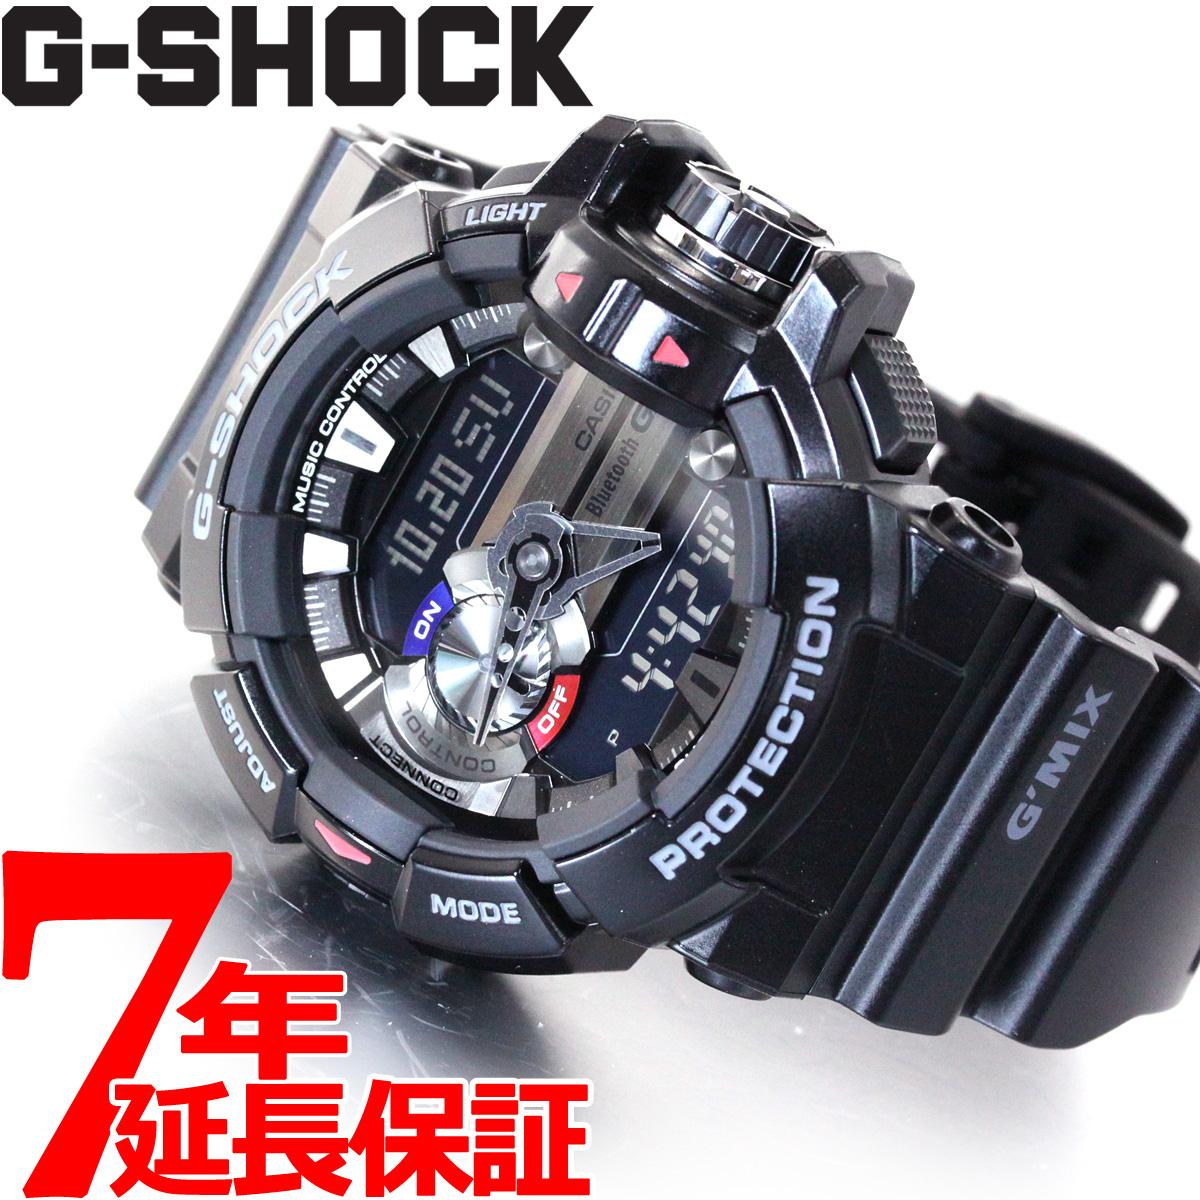 【5日0時~♪2000円OFFクーポン&店内ポイント最大51倍!5日23時59分まで】G-SHOCK ブラック Bluetooth SMART対応スマートフォン連携モデル G'MIX 腕時計 メンズ アナデジ GBA-400-1AJF